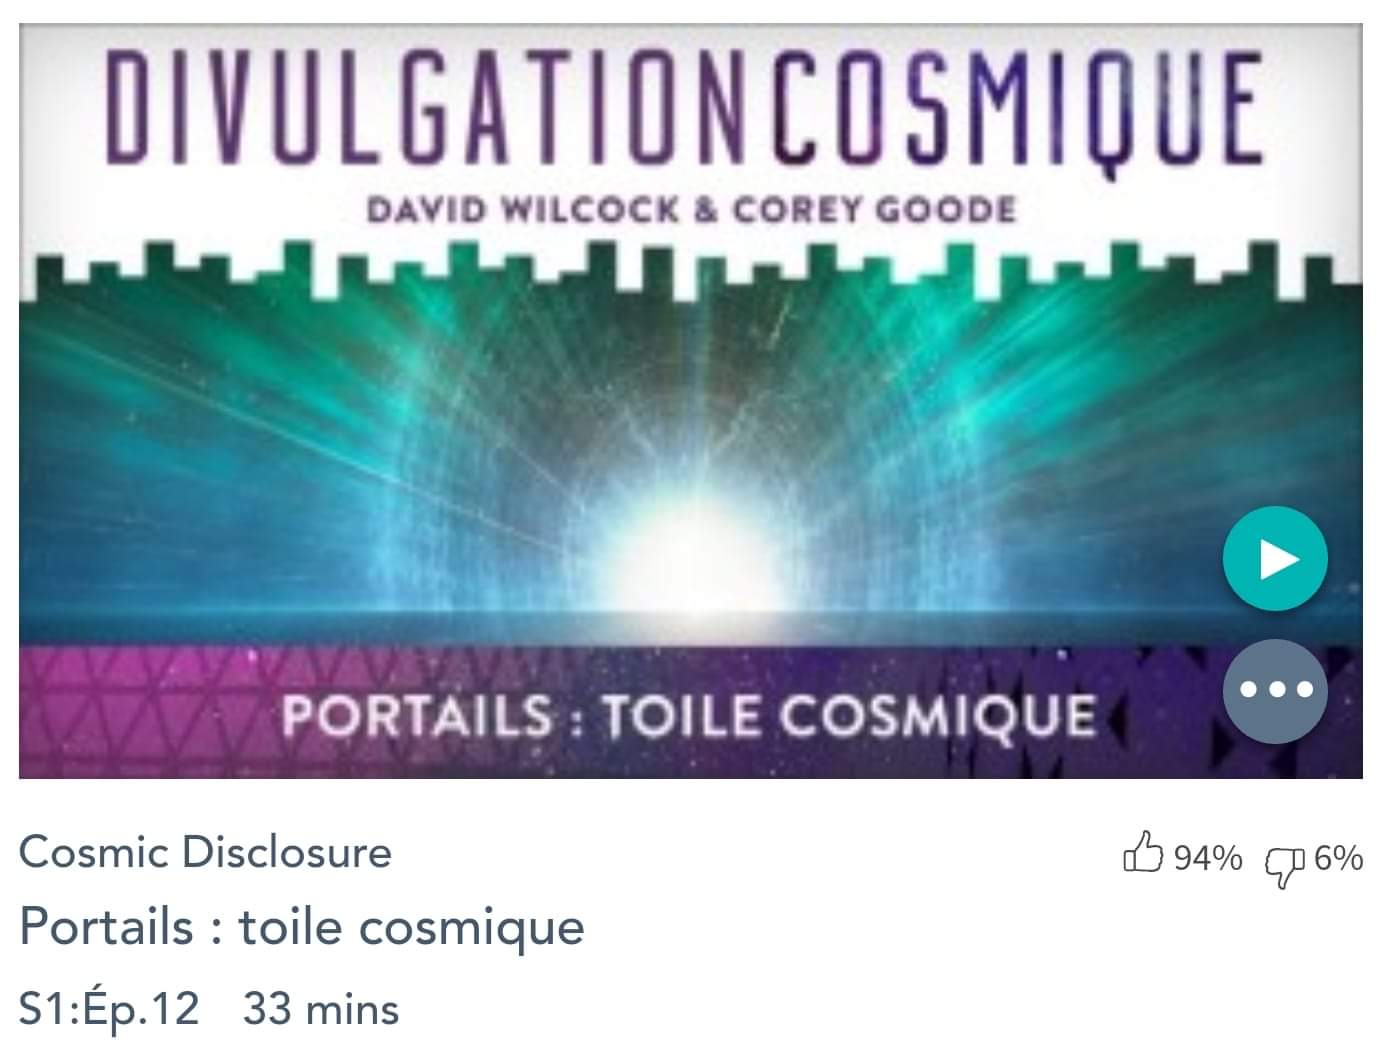 Émission « DIVULGATION COSMIQUE», l'intégrale. Saison 1, épisode 12/14 (Septembre 2015) : LA TOILE COSMIQUE